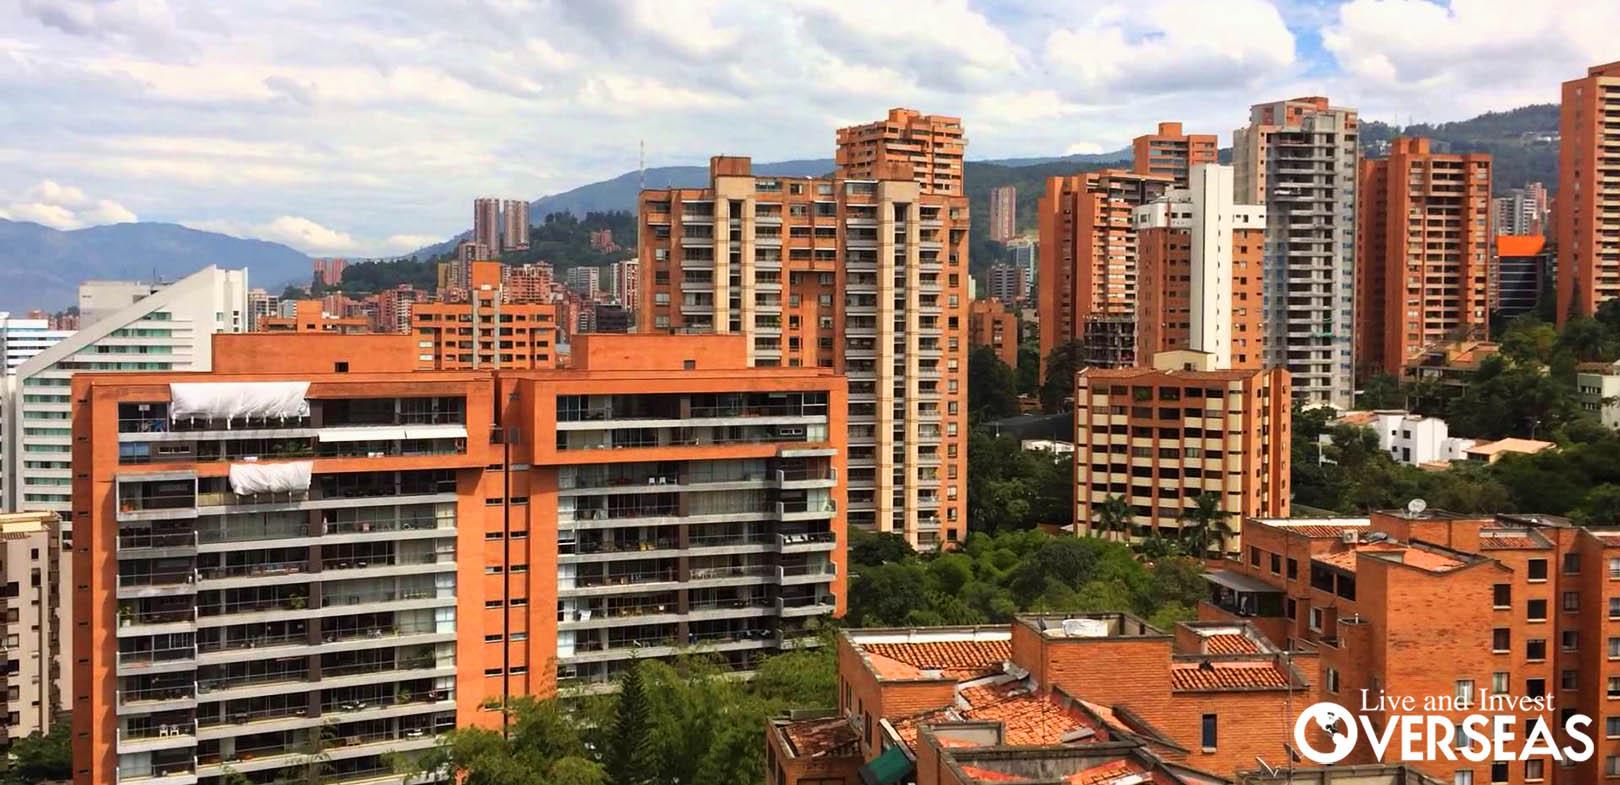 El Poblado, Medellin Skyline